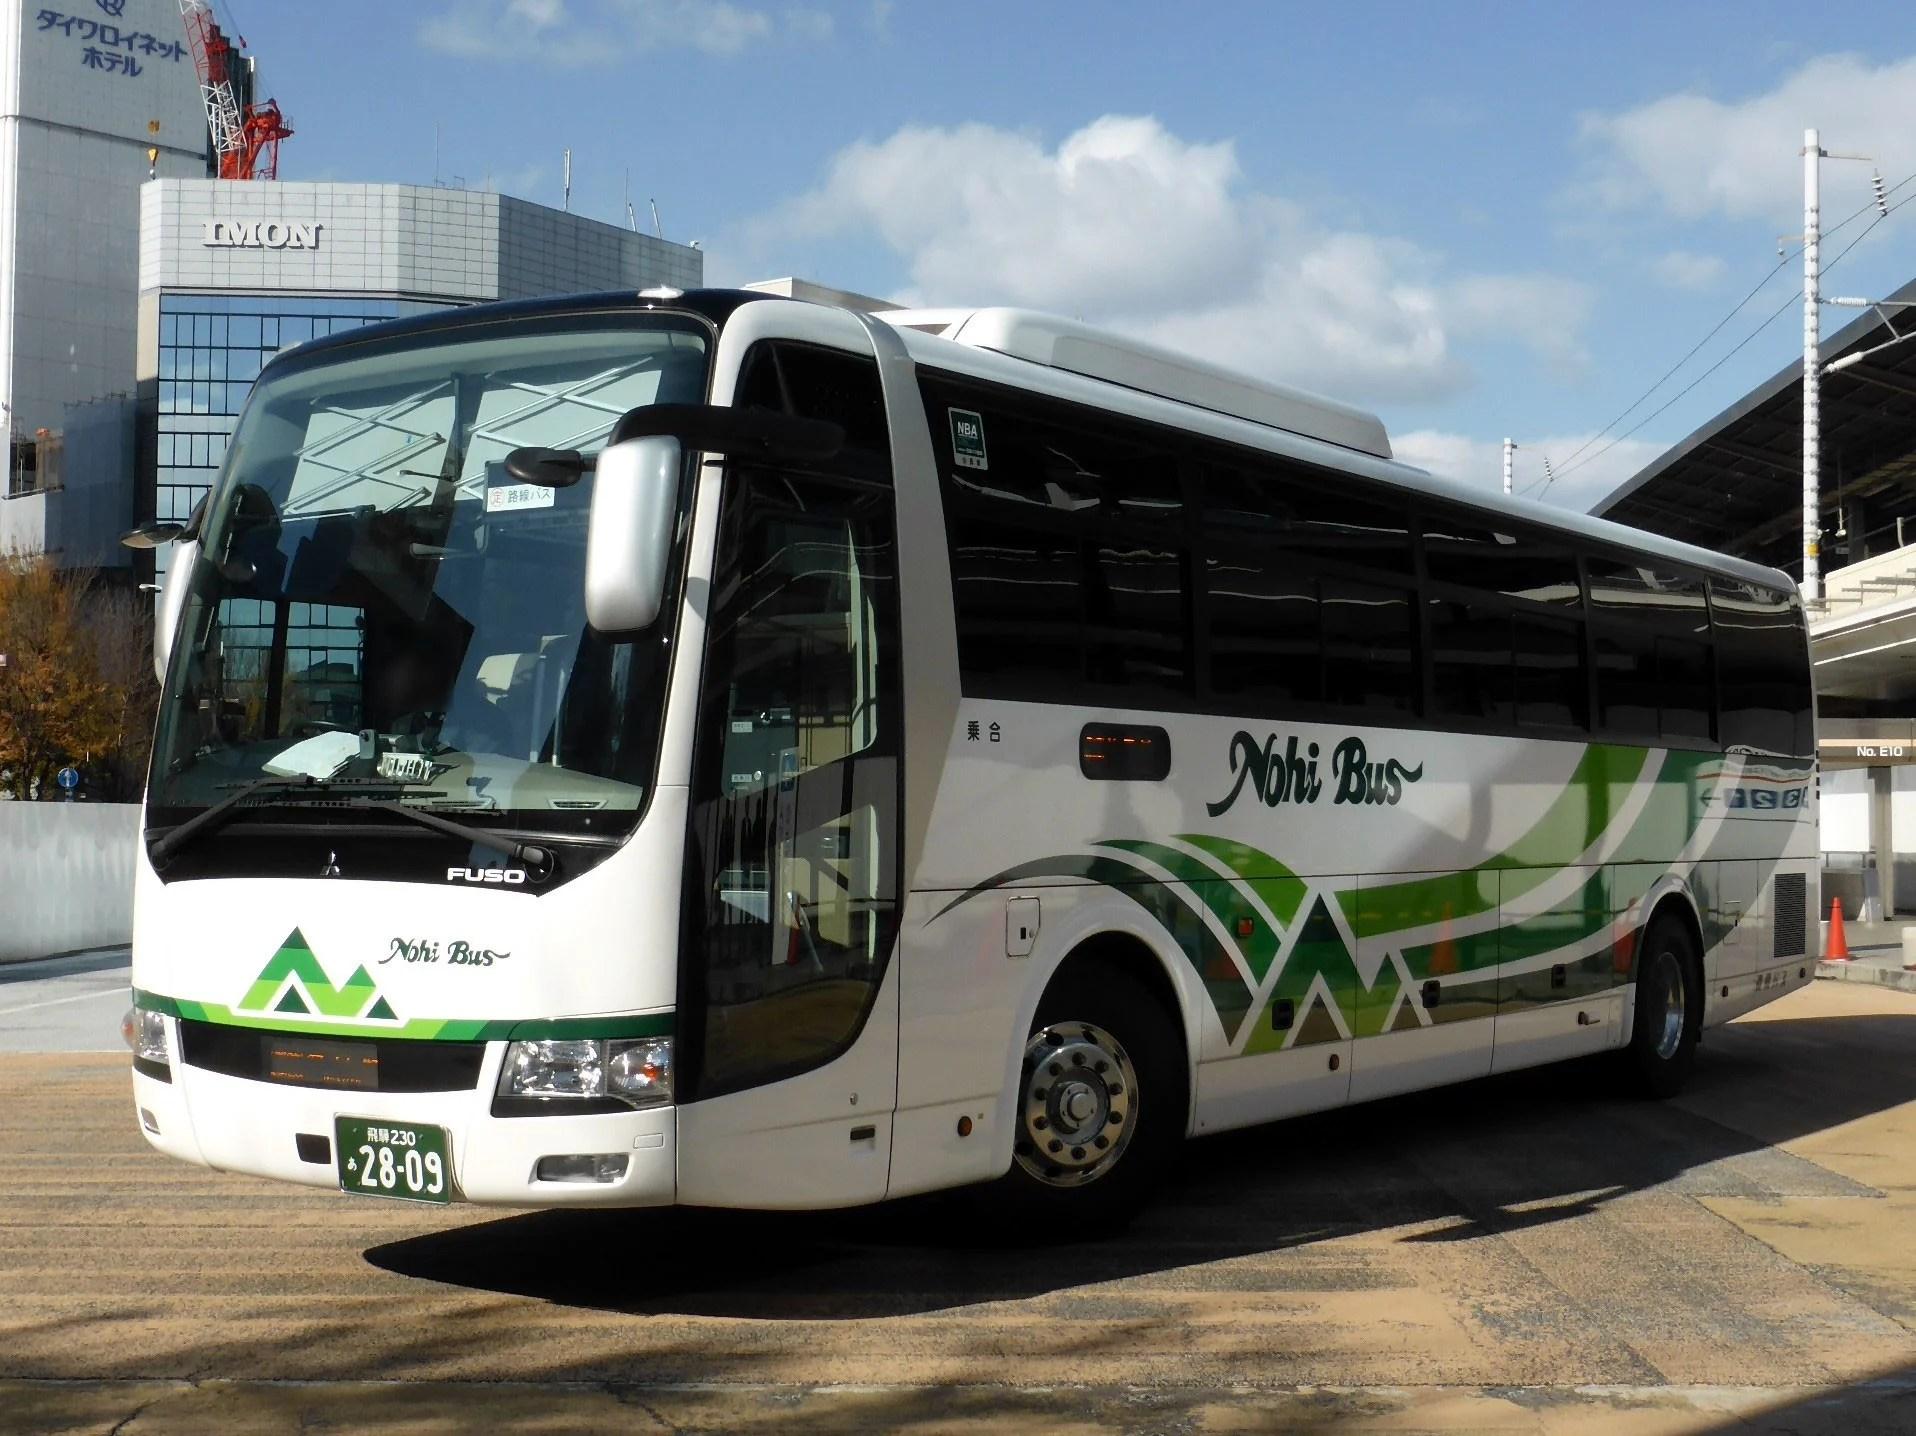 濃飛バス 2809 - すみれ.net blog版